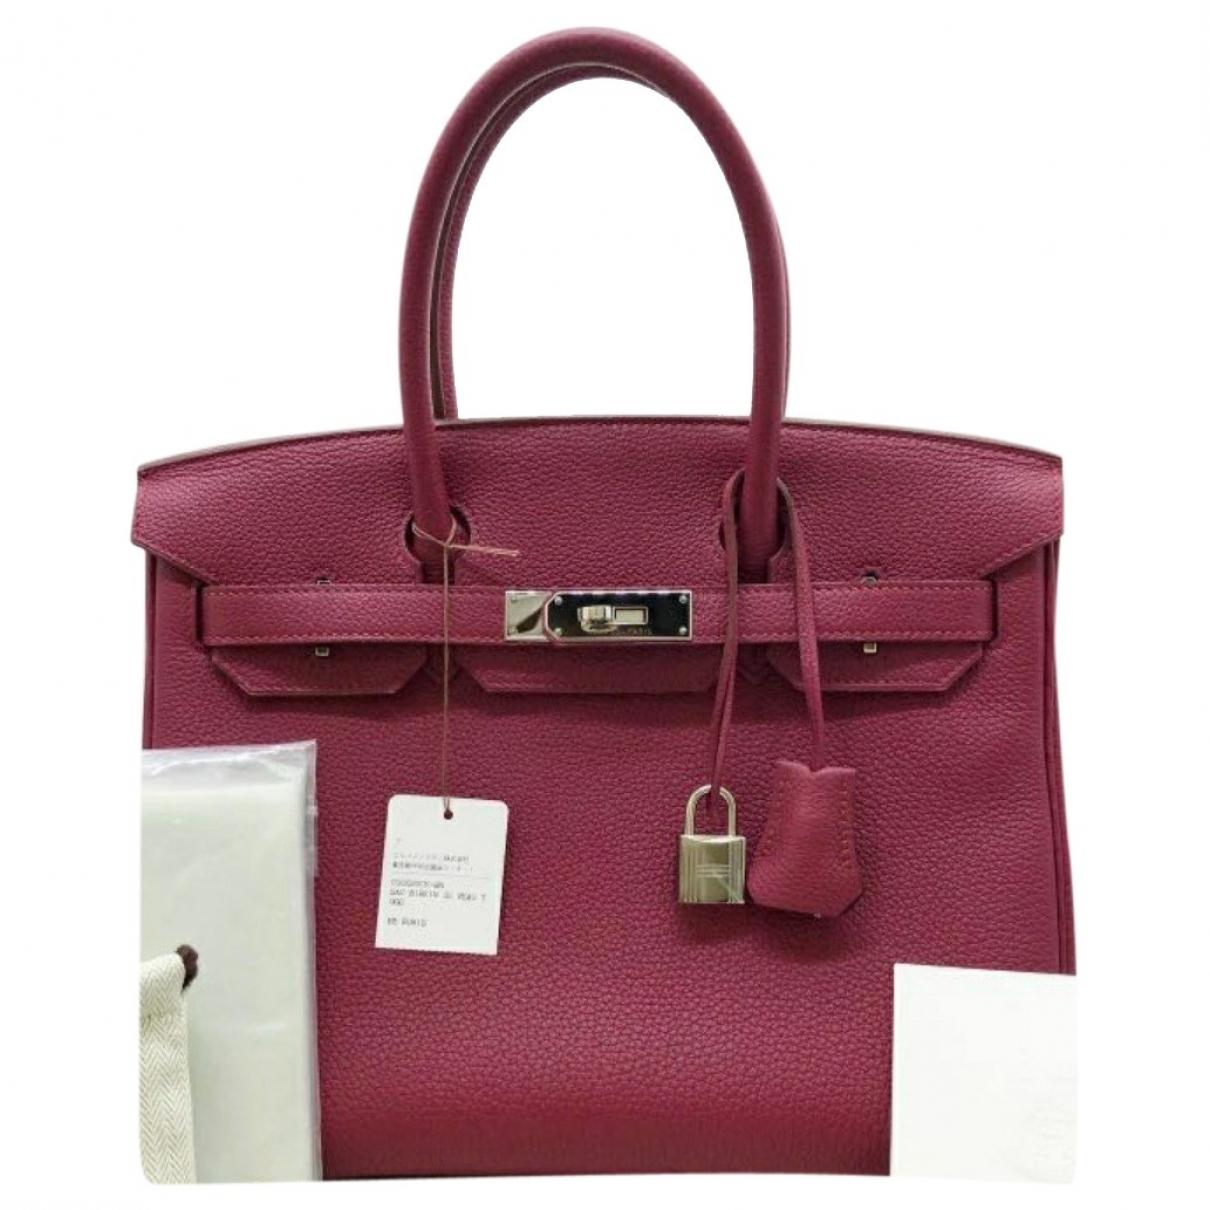 Hermes Birkin 30 Handtasche in  Rot Leder